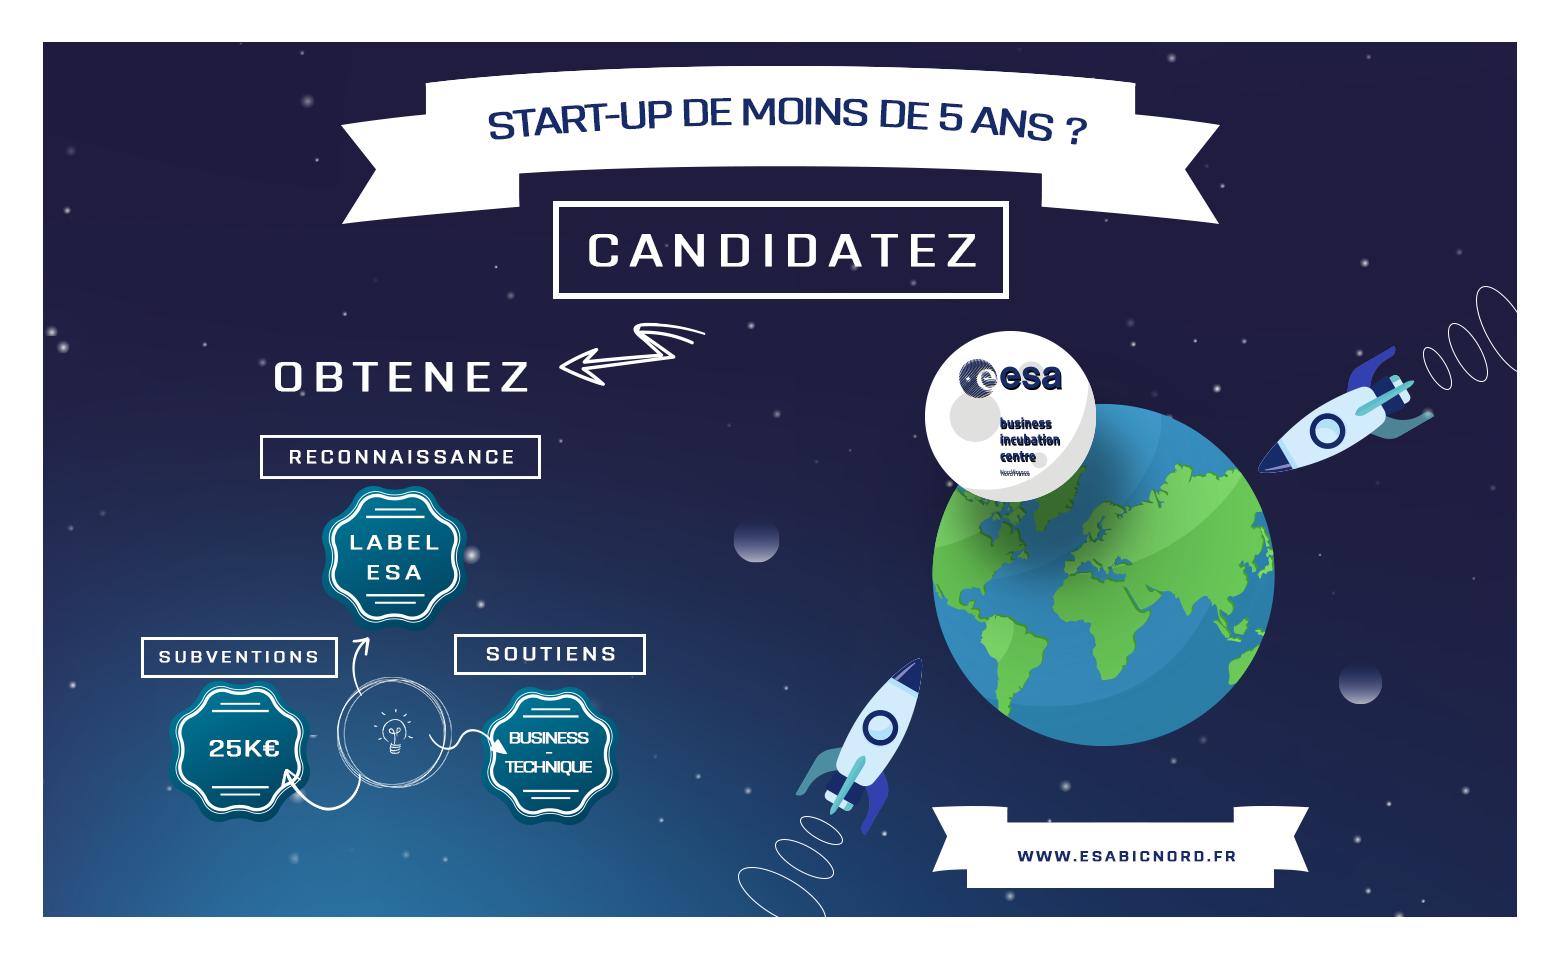 Startups de moins de 5 ans. Appel à candidatures ESA BIC NORD FRANCE